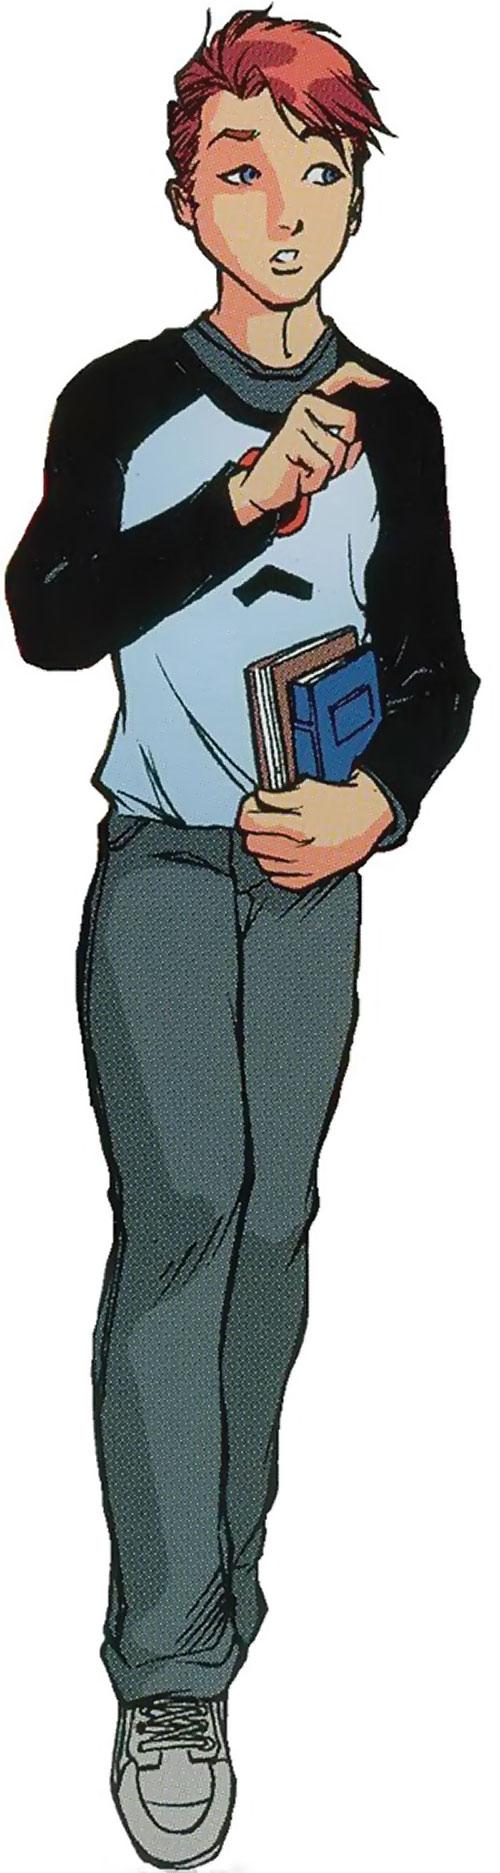 Spyboy (Peter David comics) as Alex Fleming